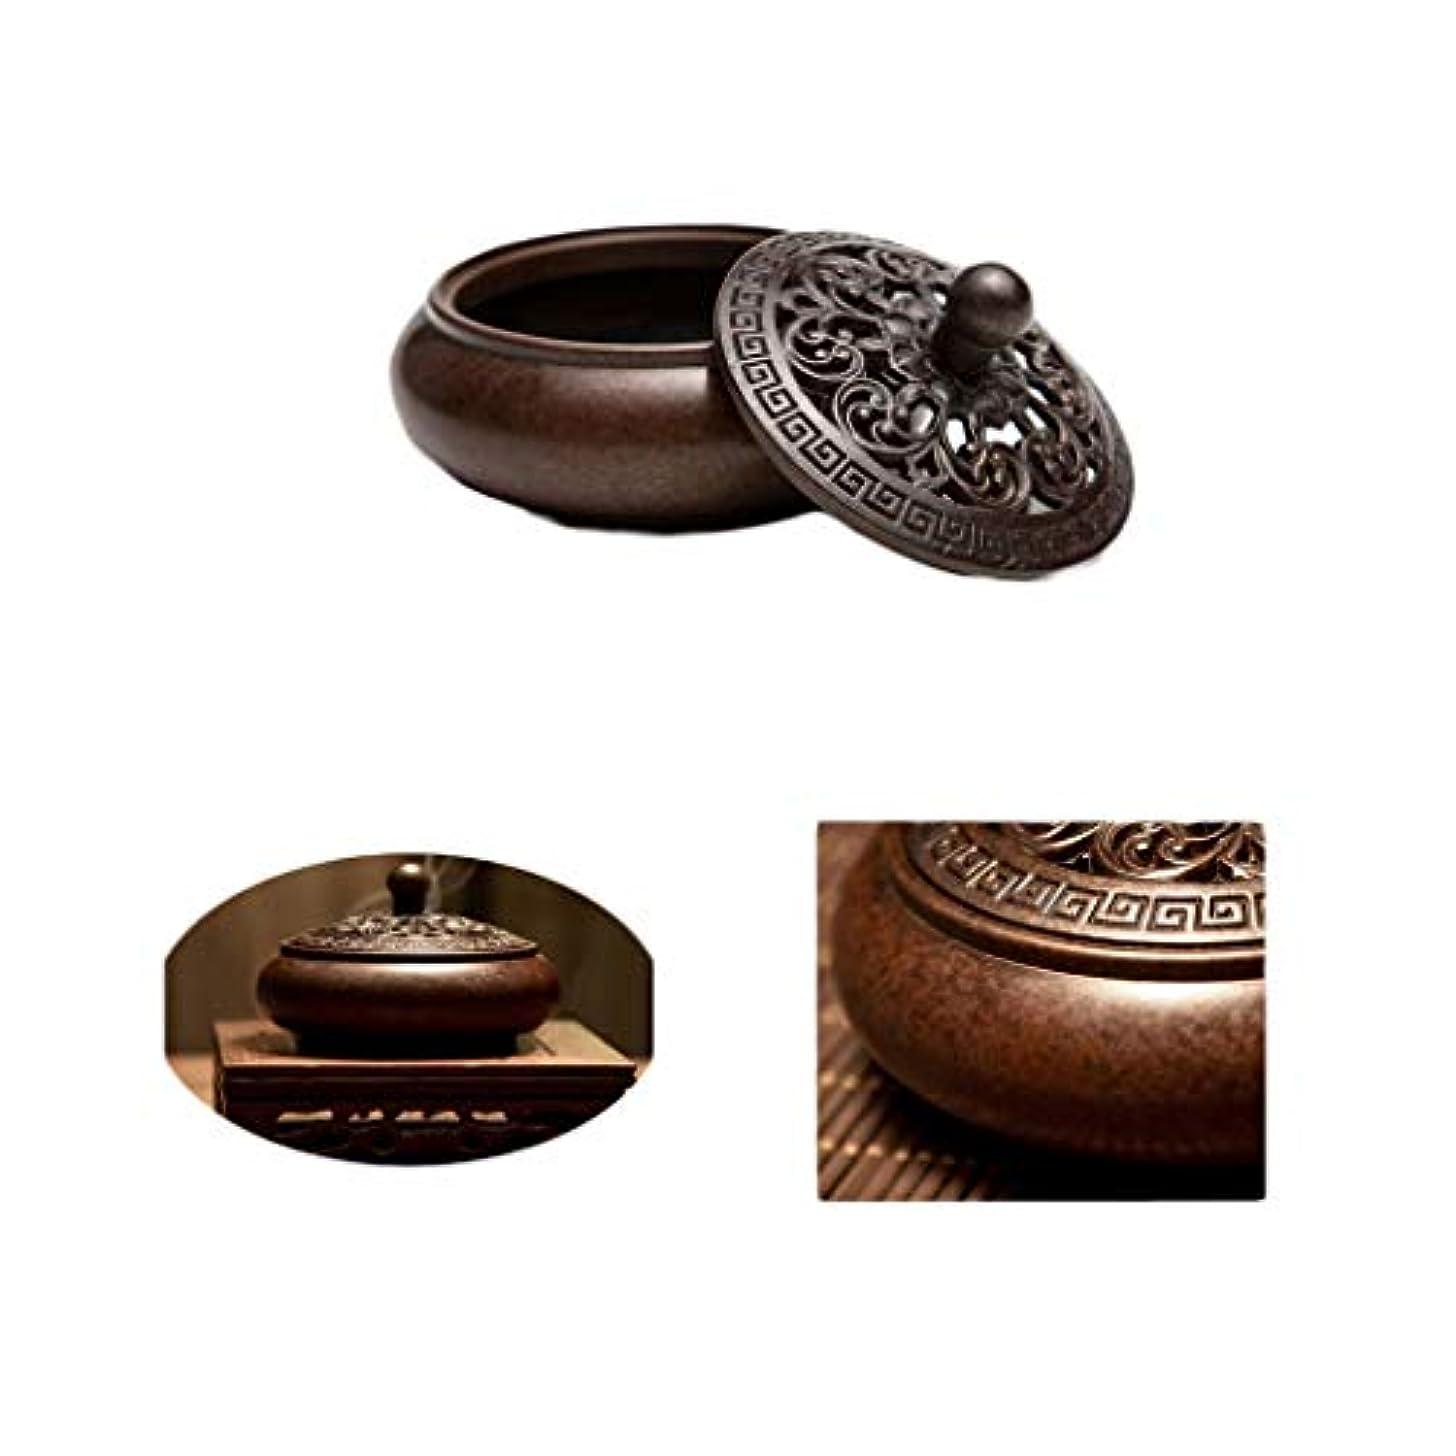 普通の課税ブロッサムホームアロマバーナー 純銅香炉アンティーク香炉吉祥香炉手作り香炉 アロマバーナー (Color : Brass)